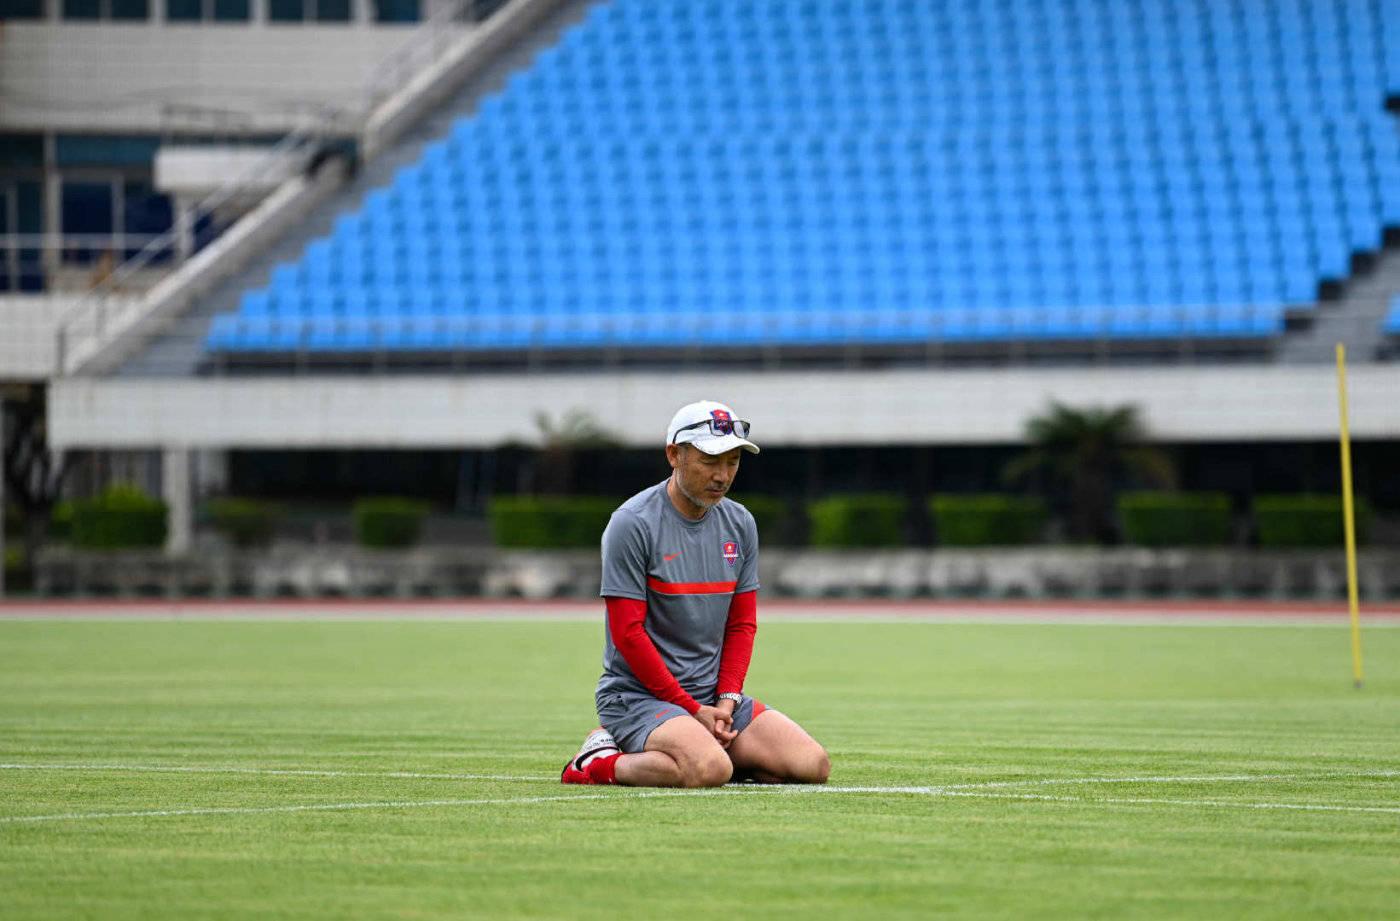 重庆队推迟了进入比赛区的时间,或者注意到即将举行新一轮的生存比赛。